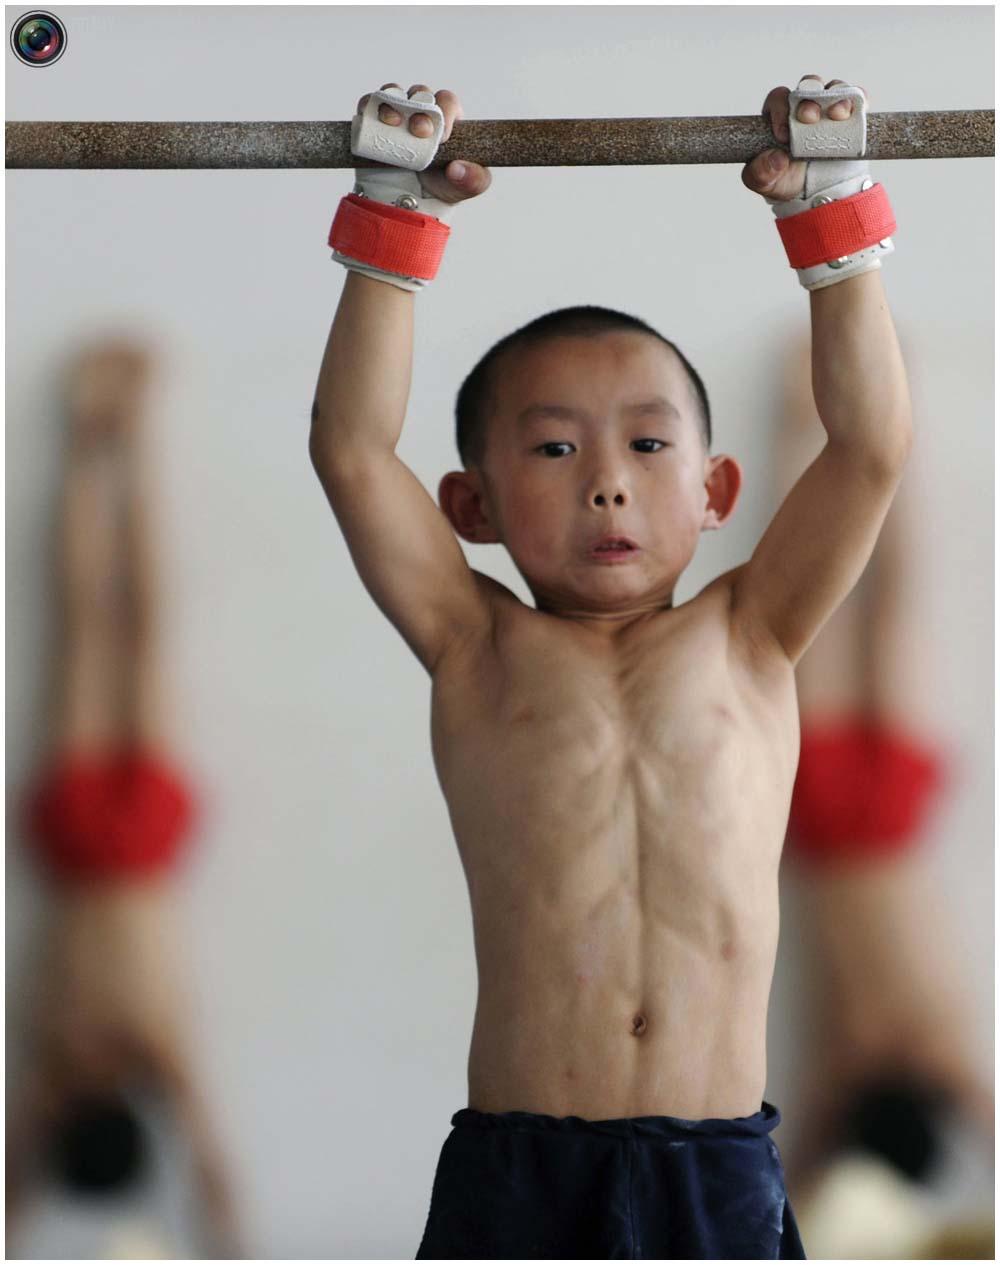 Мальчик на перекладине на тренировке группы 4-7 лет в гимнастическом зале в городе Цзясин, провинция чжэцзян, 10 августа 2010 года. (REUTERS/Stringer)